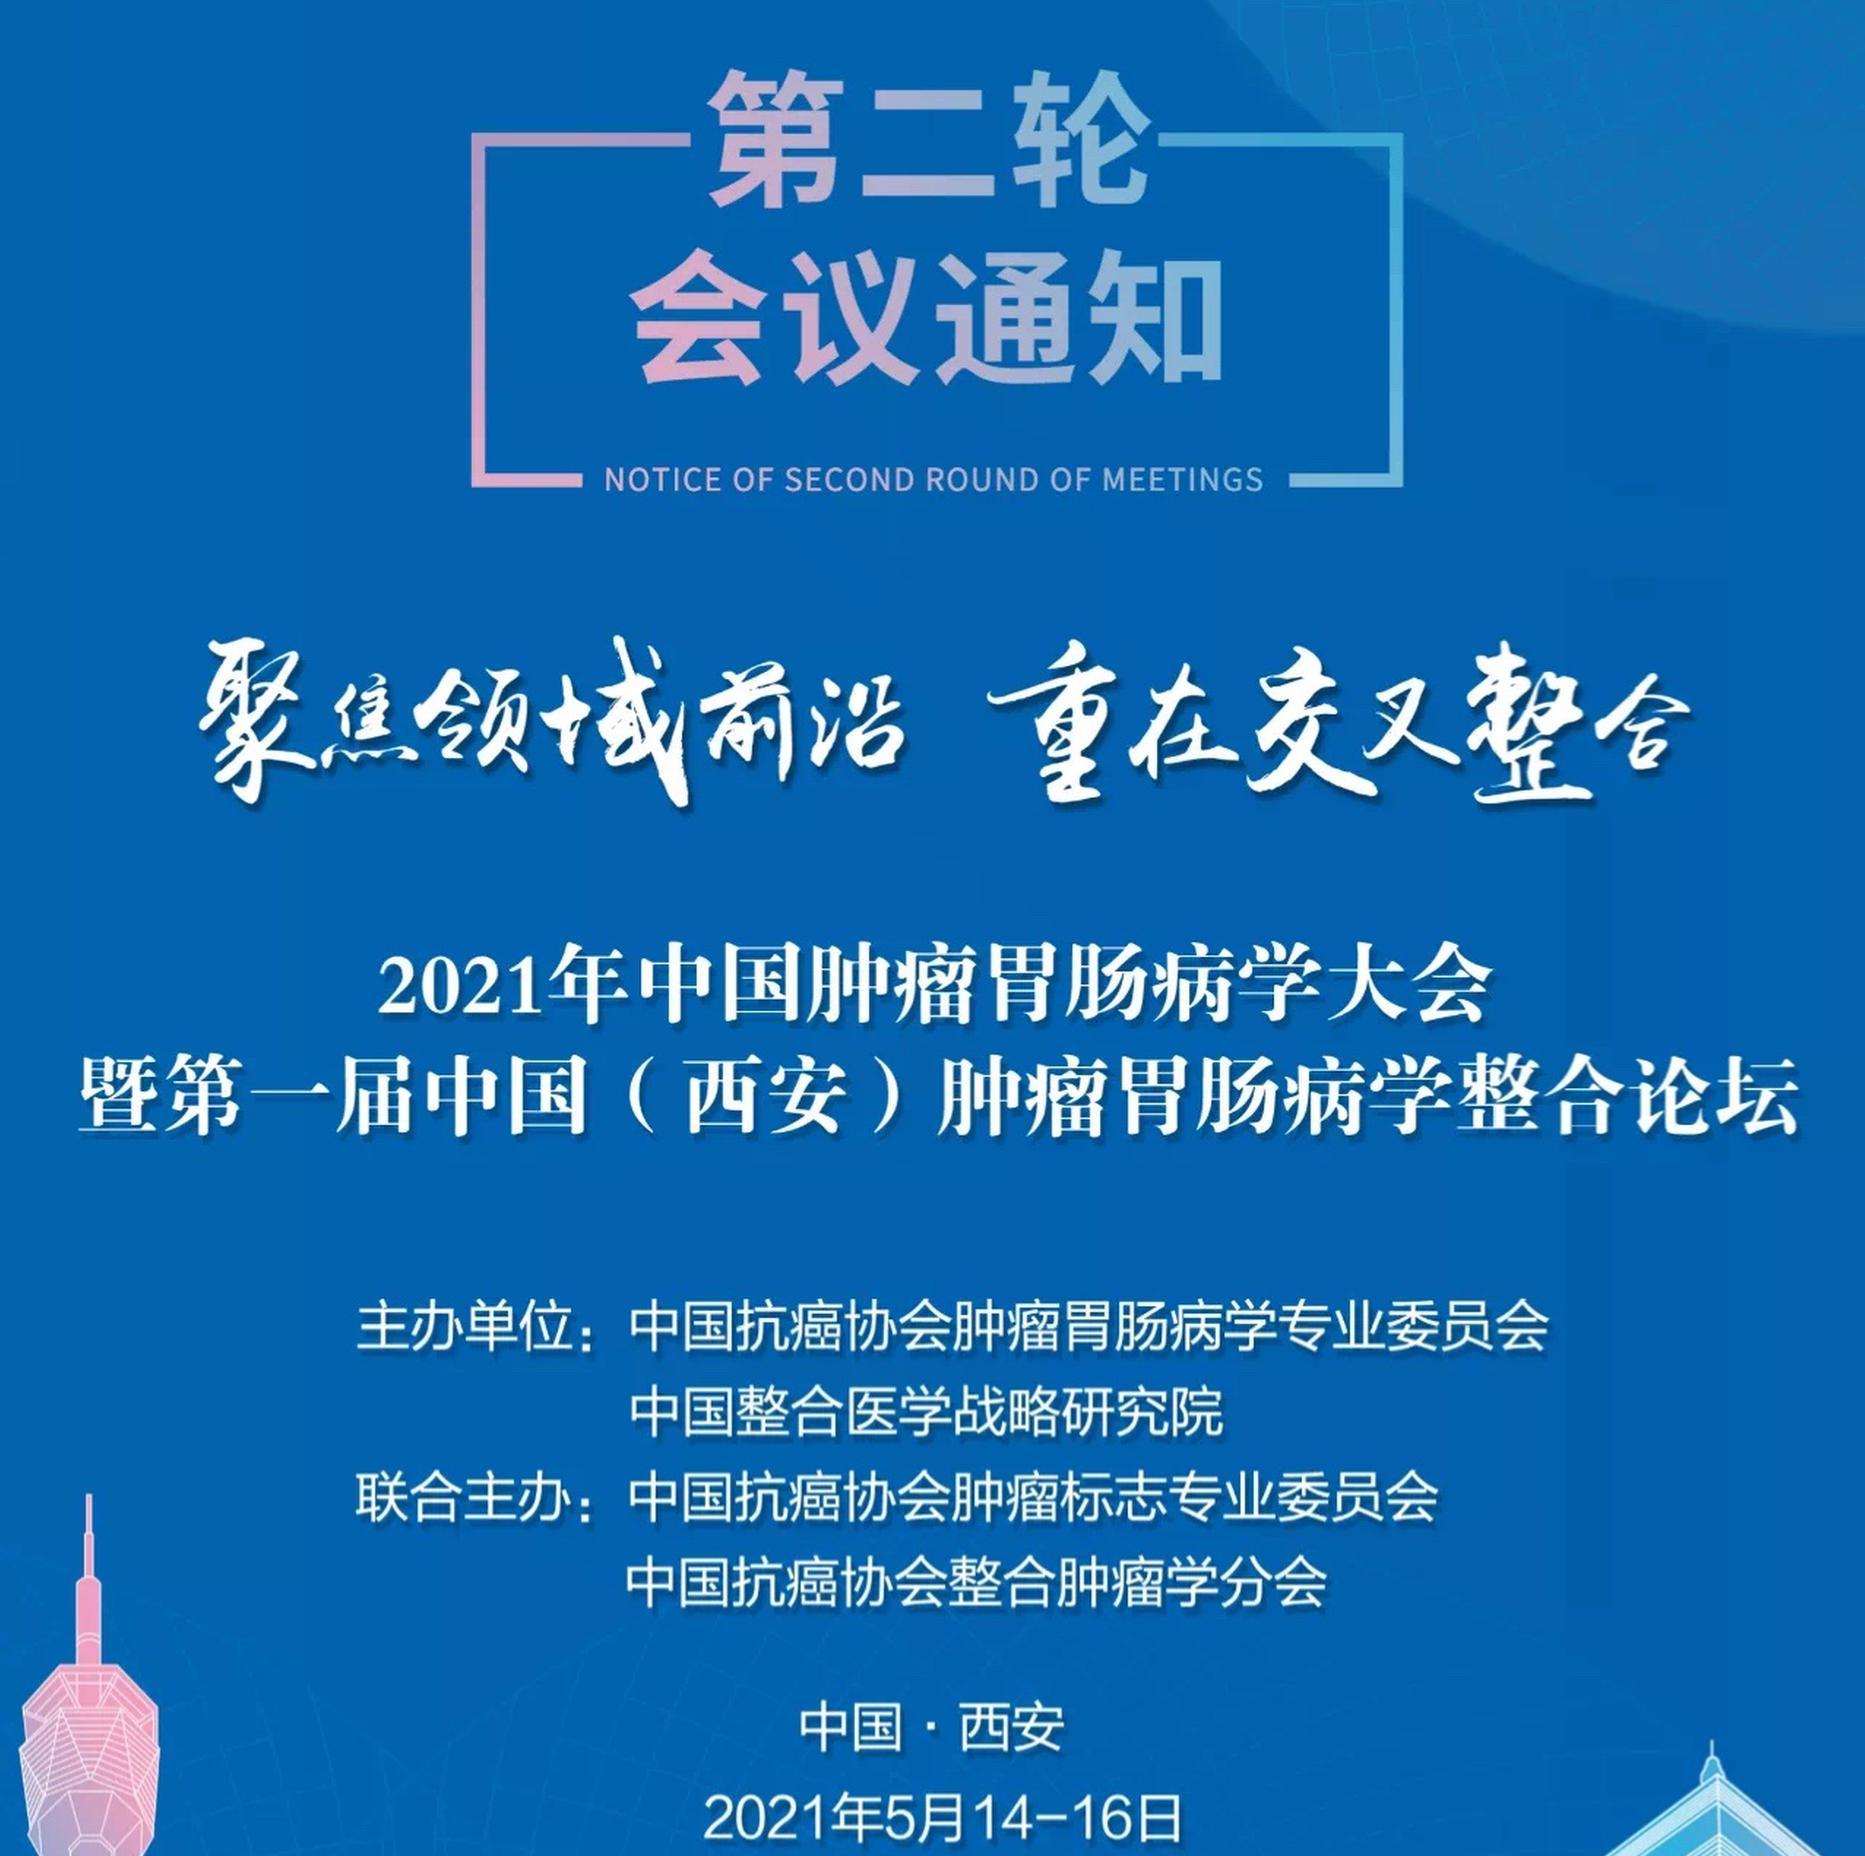 2021年中国肿瘤胃肠病学大会暨第一届中国(西安)肿瘤胃肠病学整合论坛